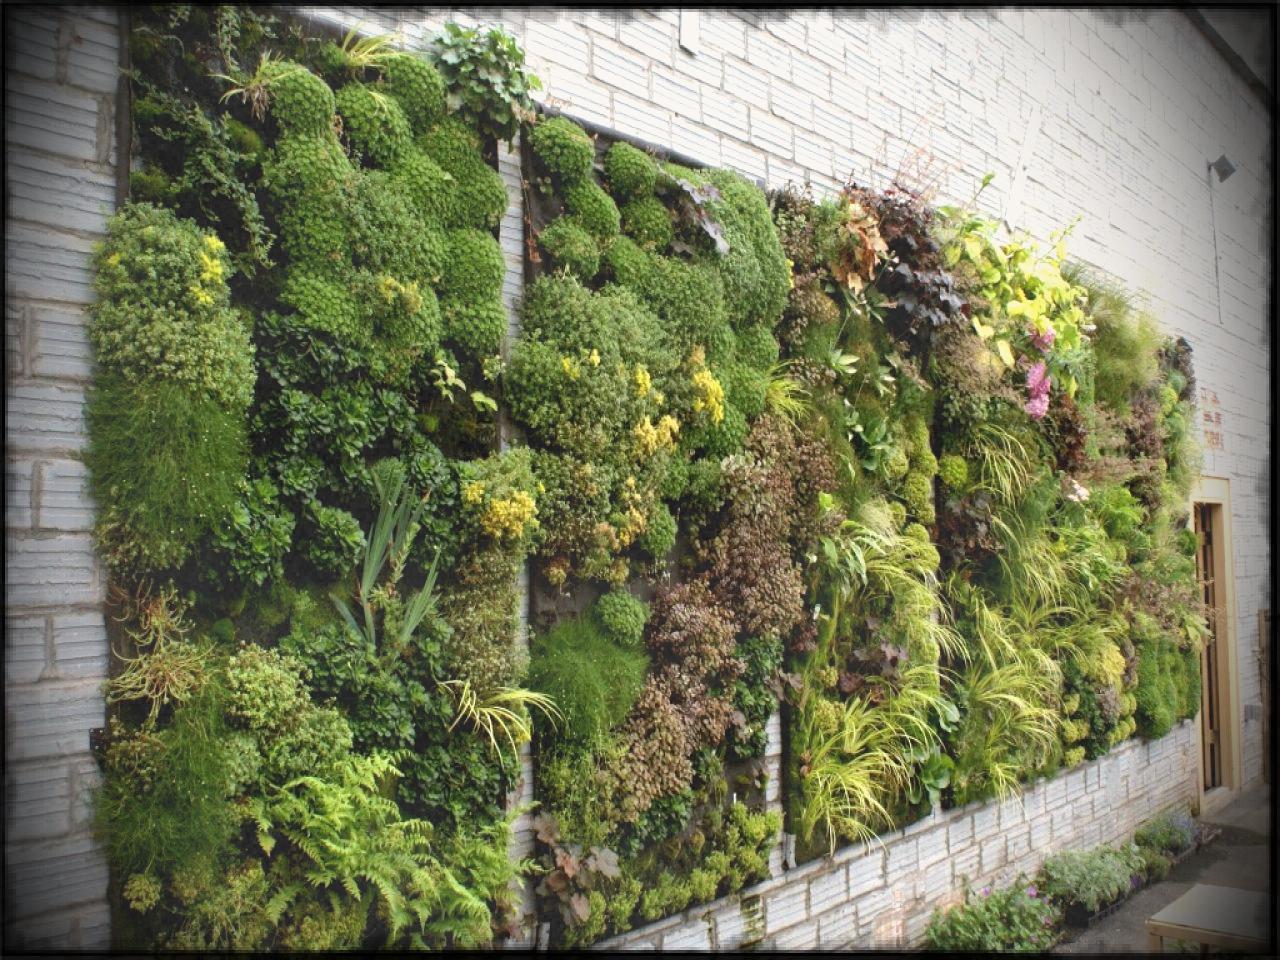 фото и схемы вертикального озеленения участка готова идти головам